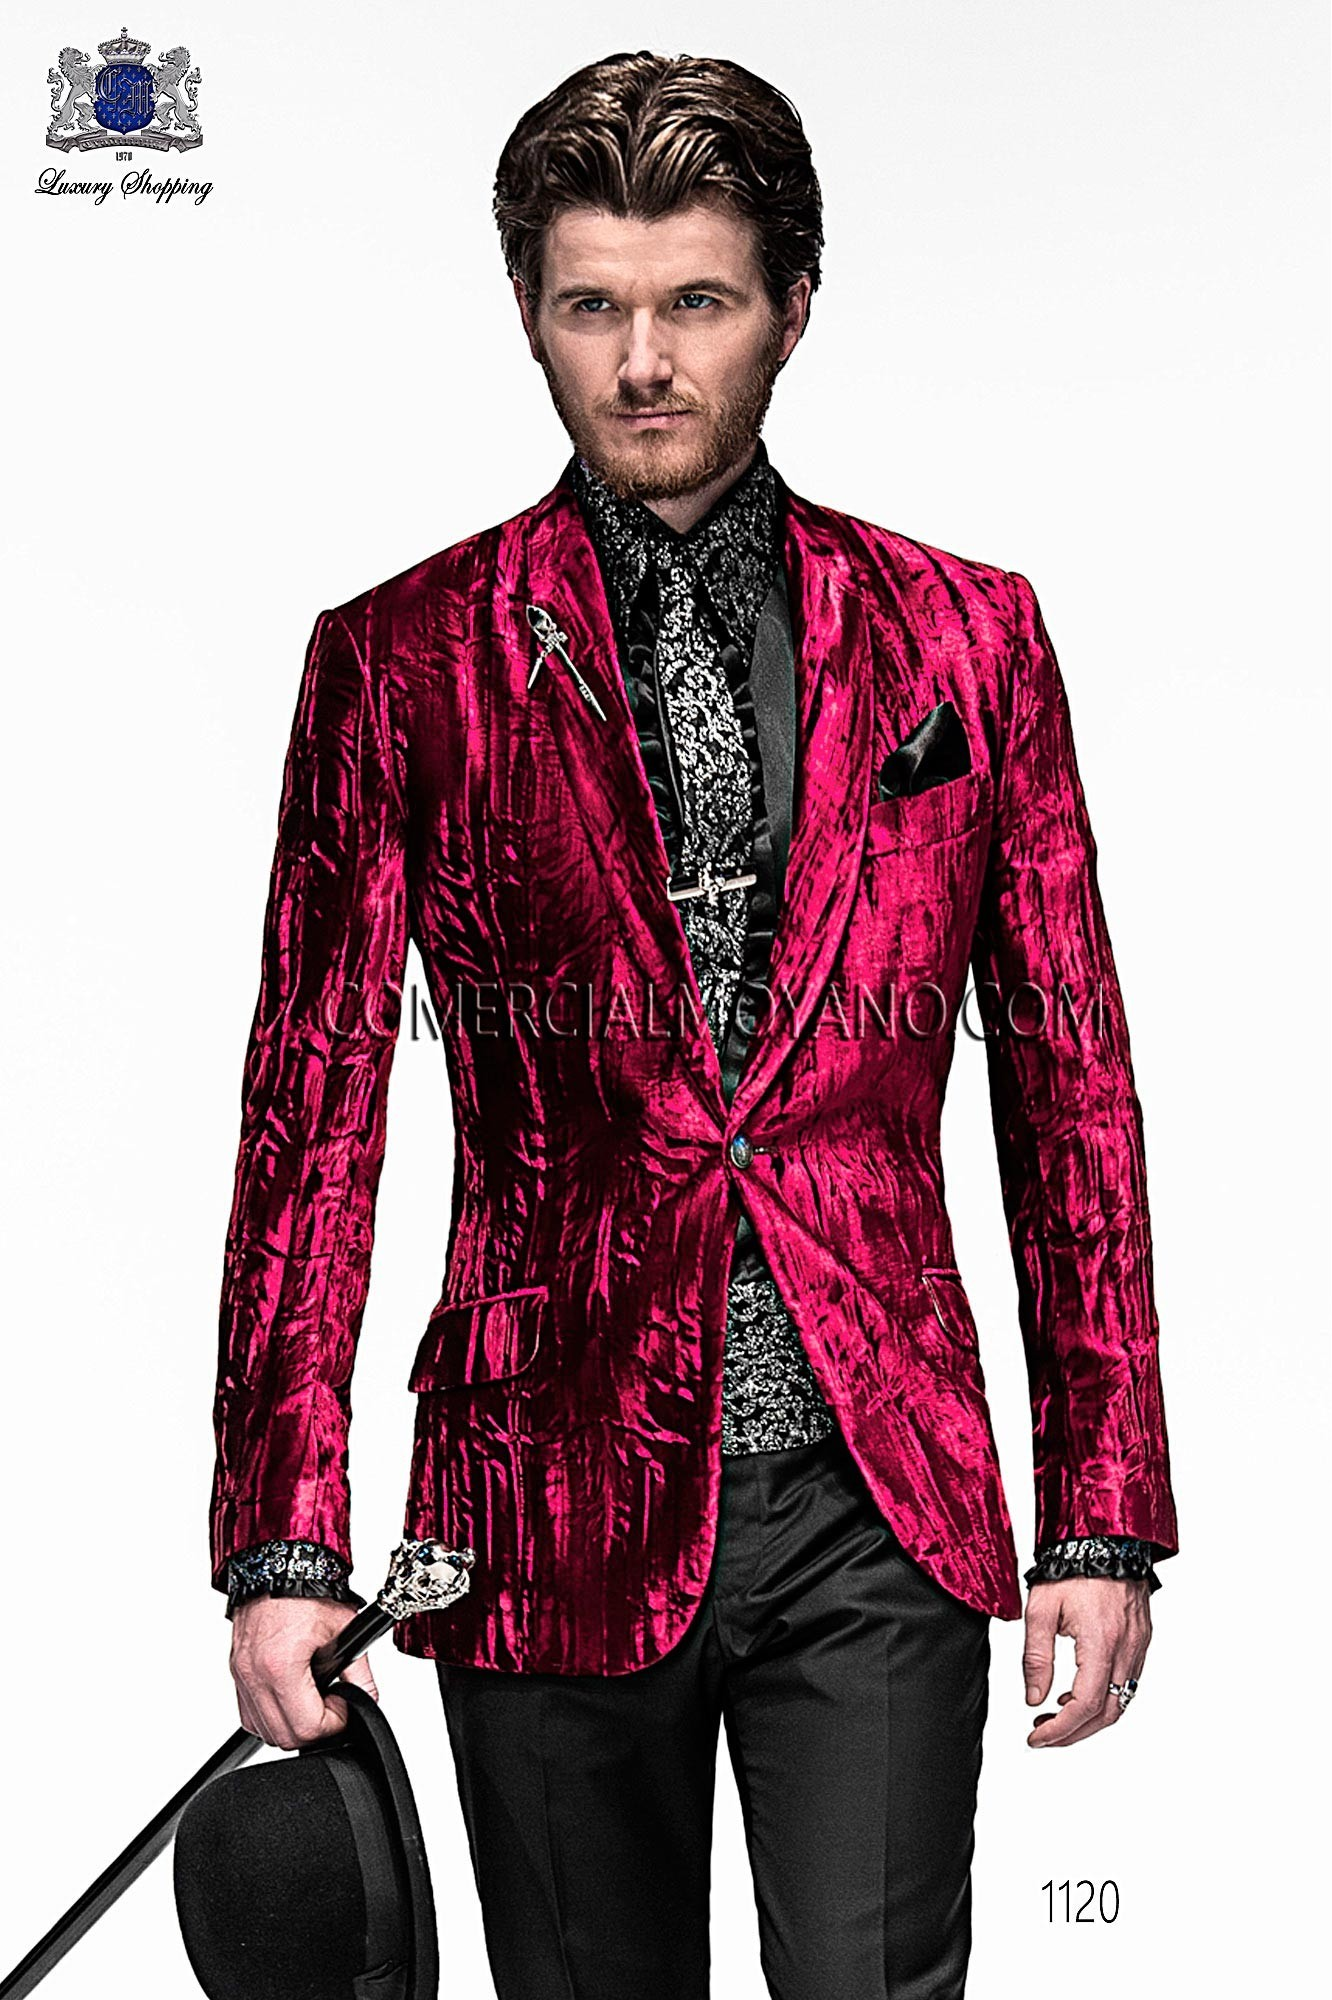 Traje Emotion de novio rojo modelo: 1120 Ottavio Nuccio Gala colección Emotion